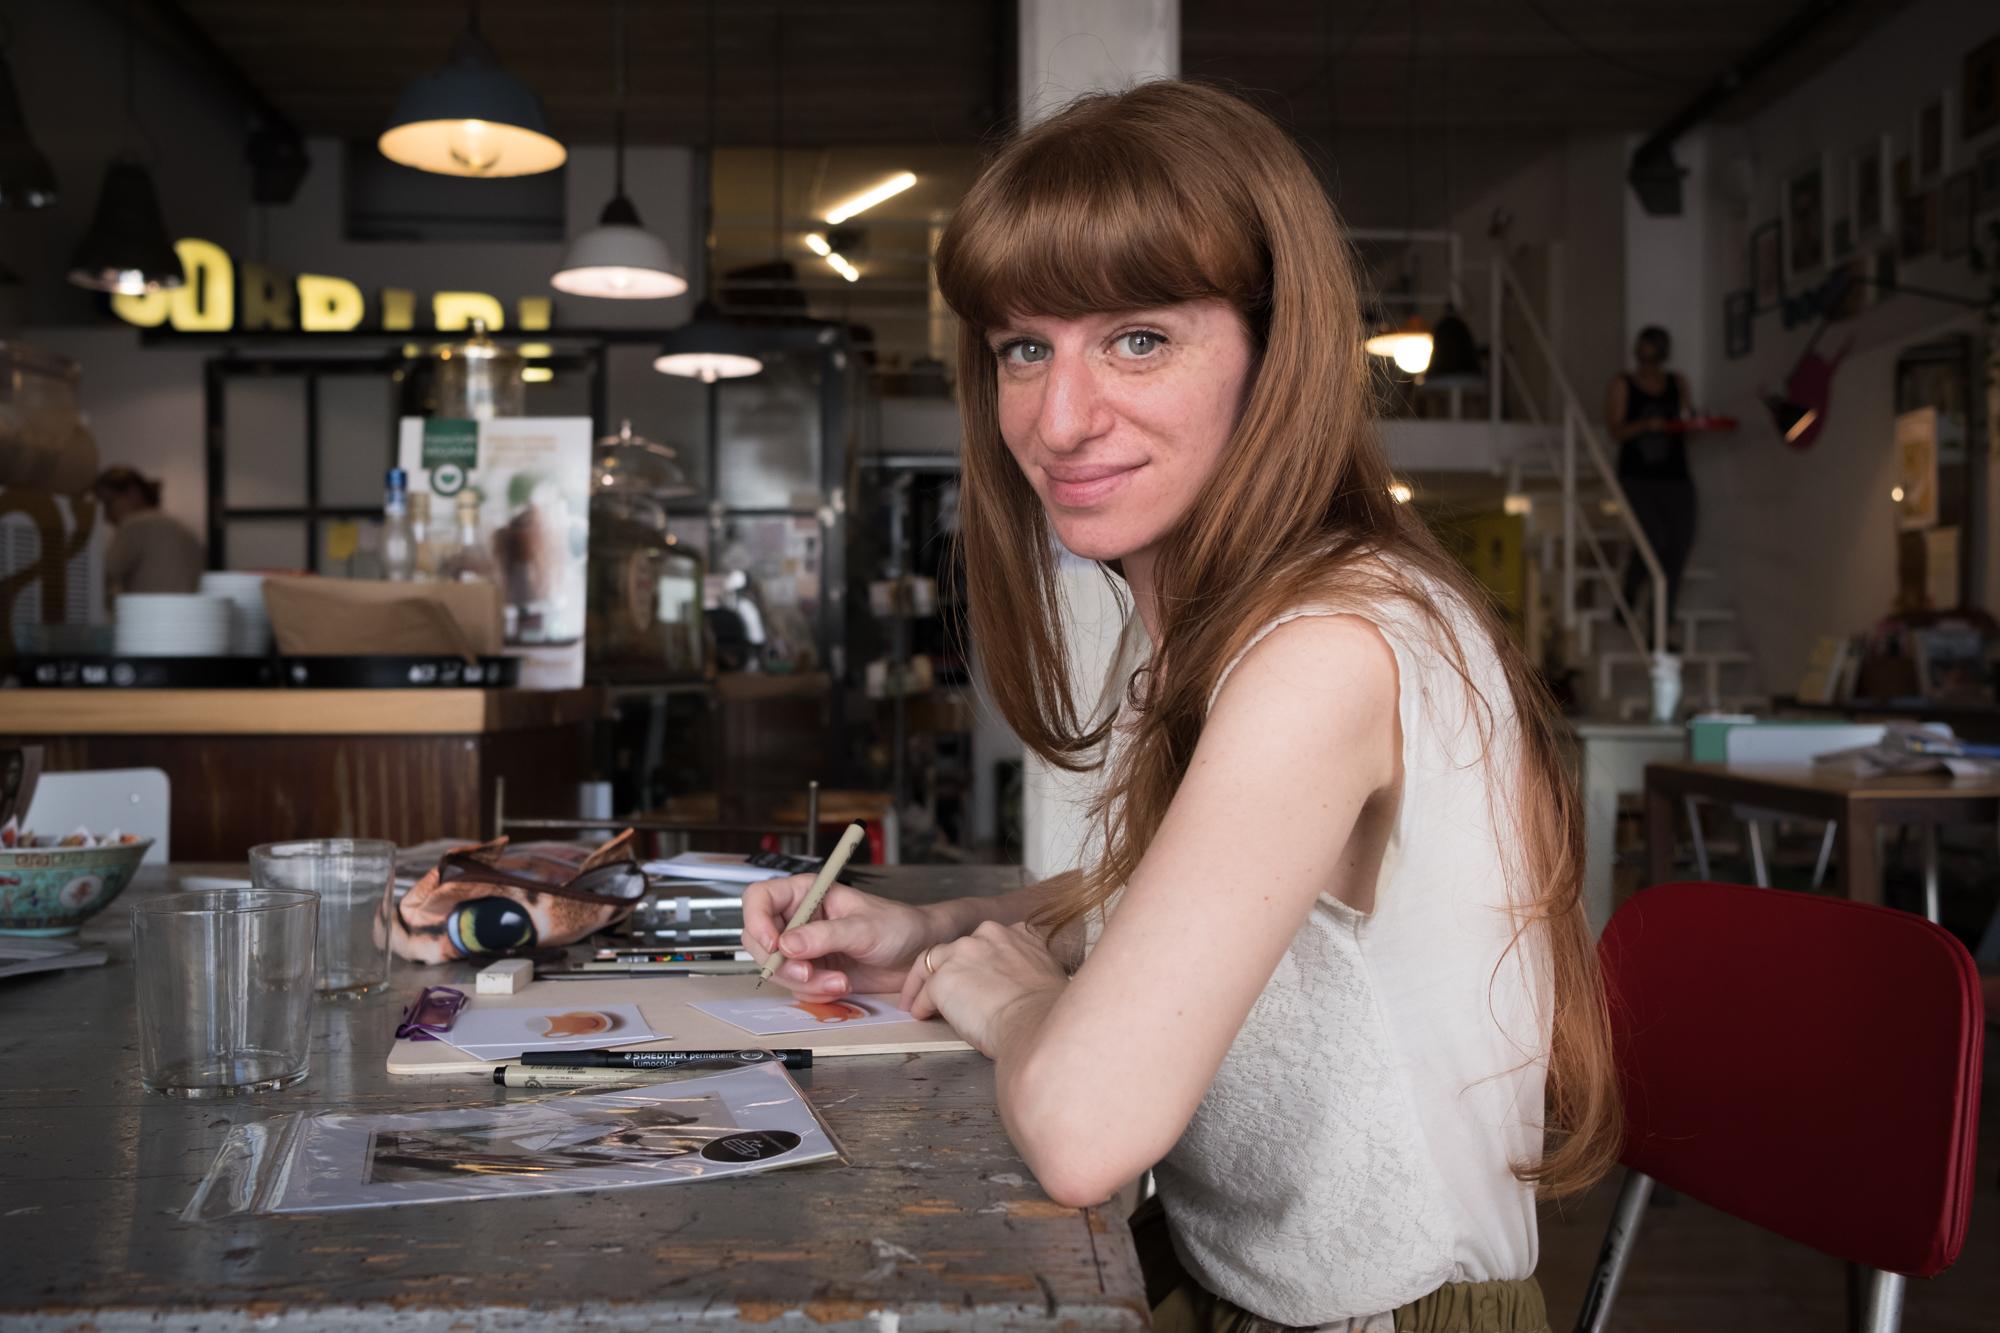 Brioche, matita e caffè. Un'illustratrice a colazione: intervista con Marianna Balducci